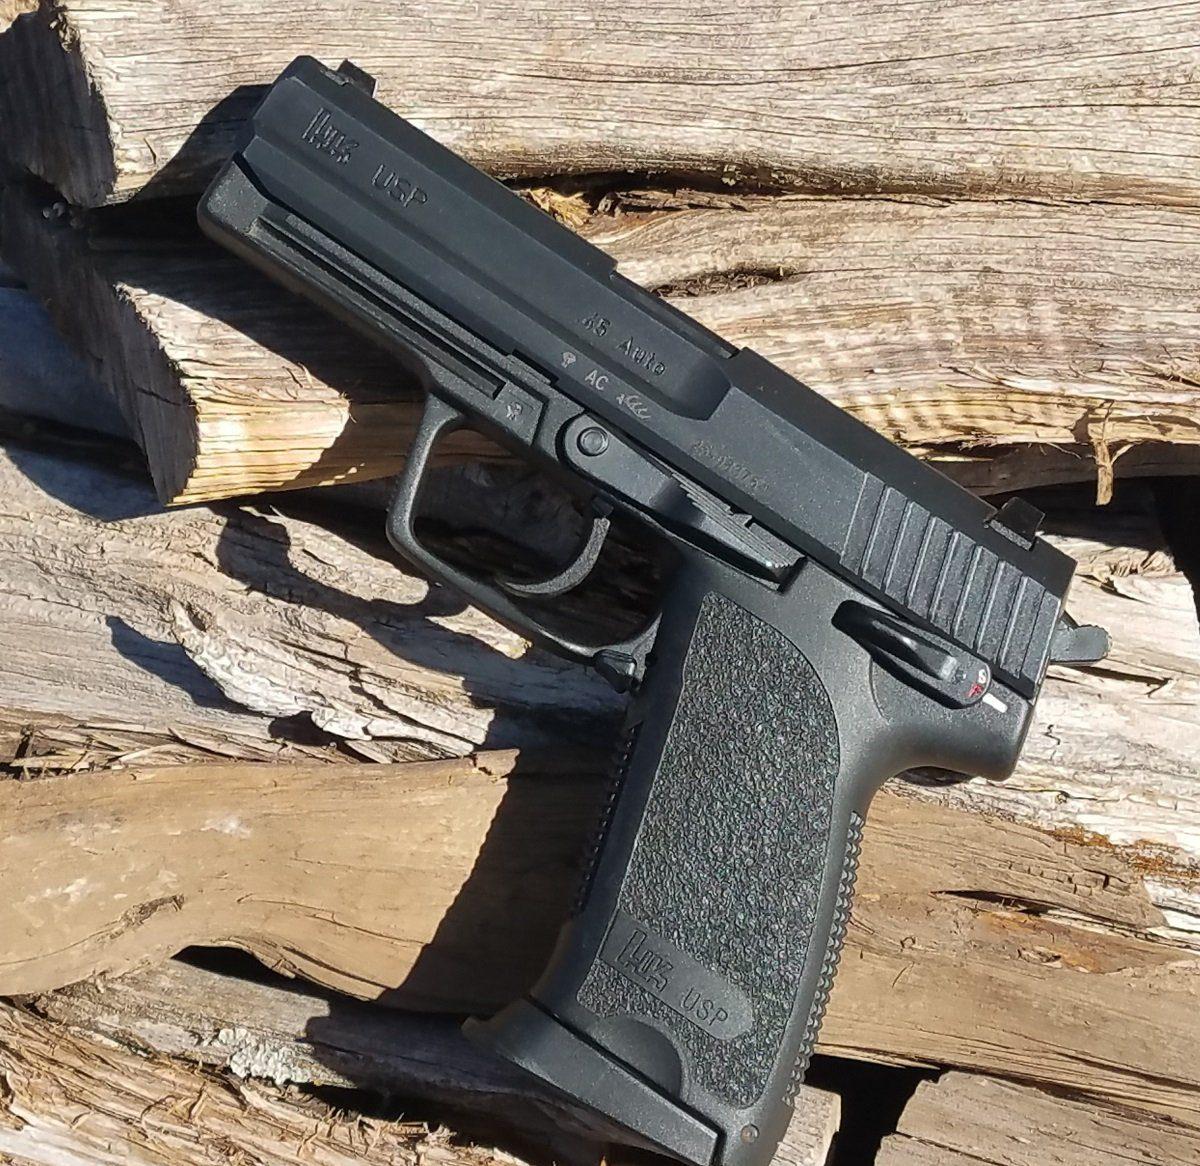 HK USP 45 Pistol